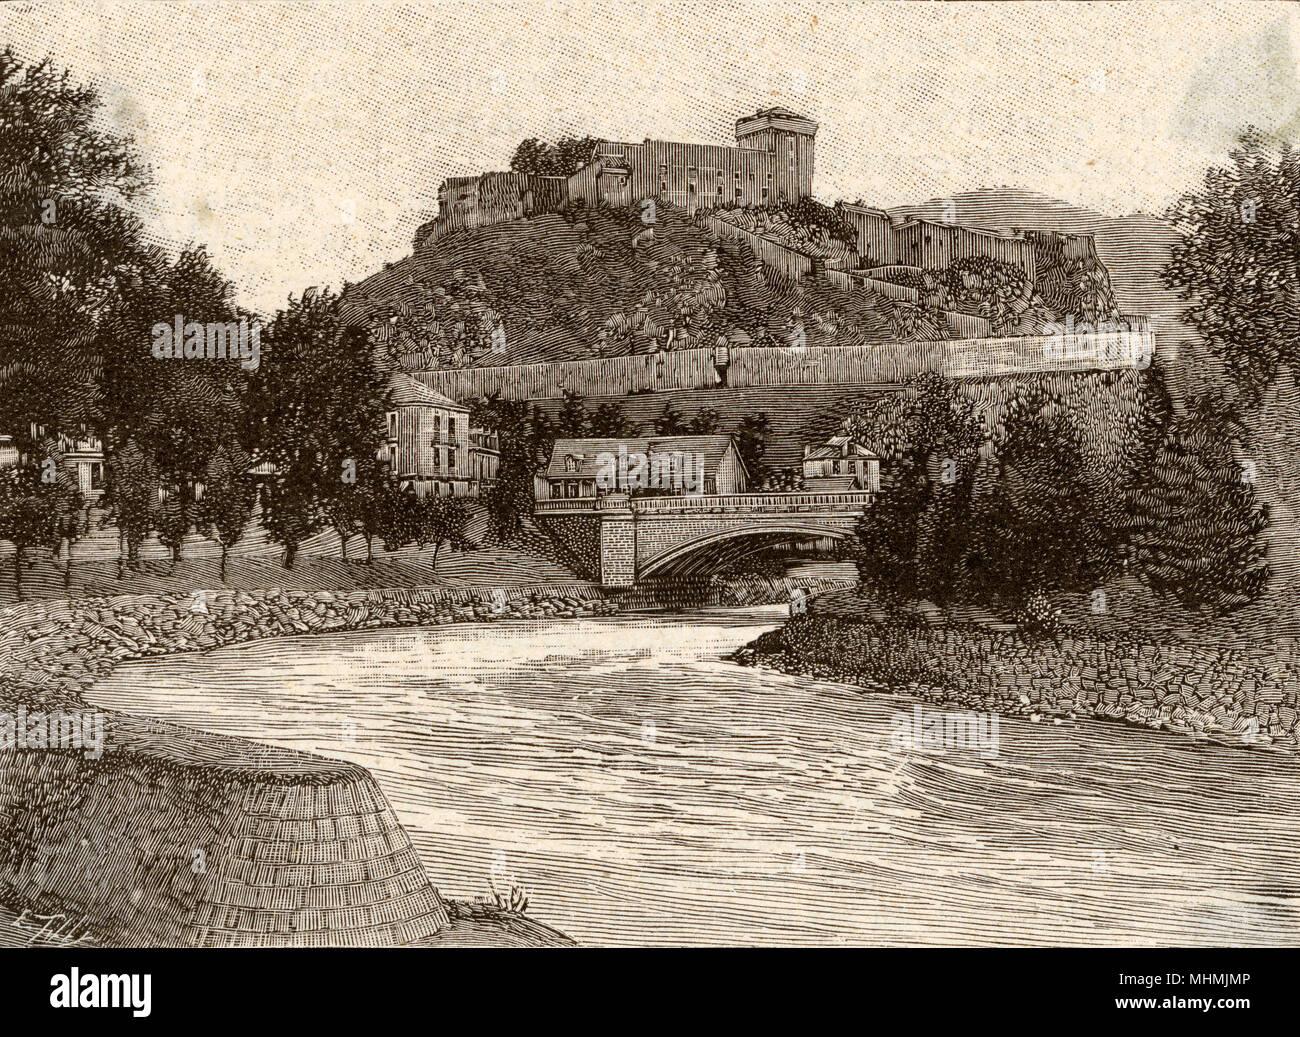 Il castello e la diede a Pau, con l'ampio fiume in primo piano e il ponte nella distanza. Data: 1894 Immagini Stock